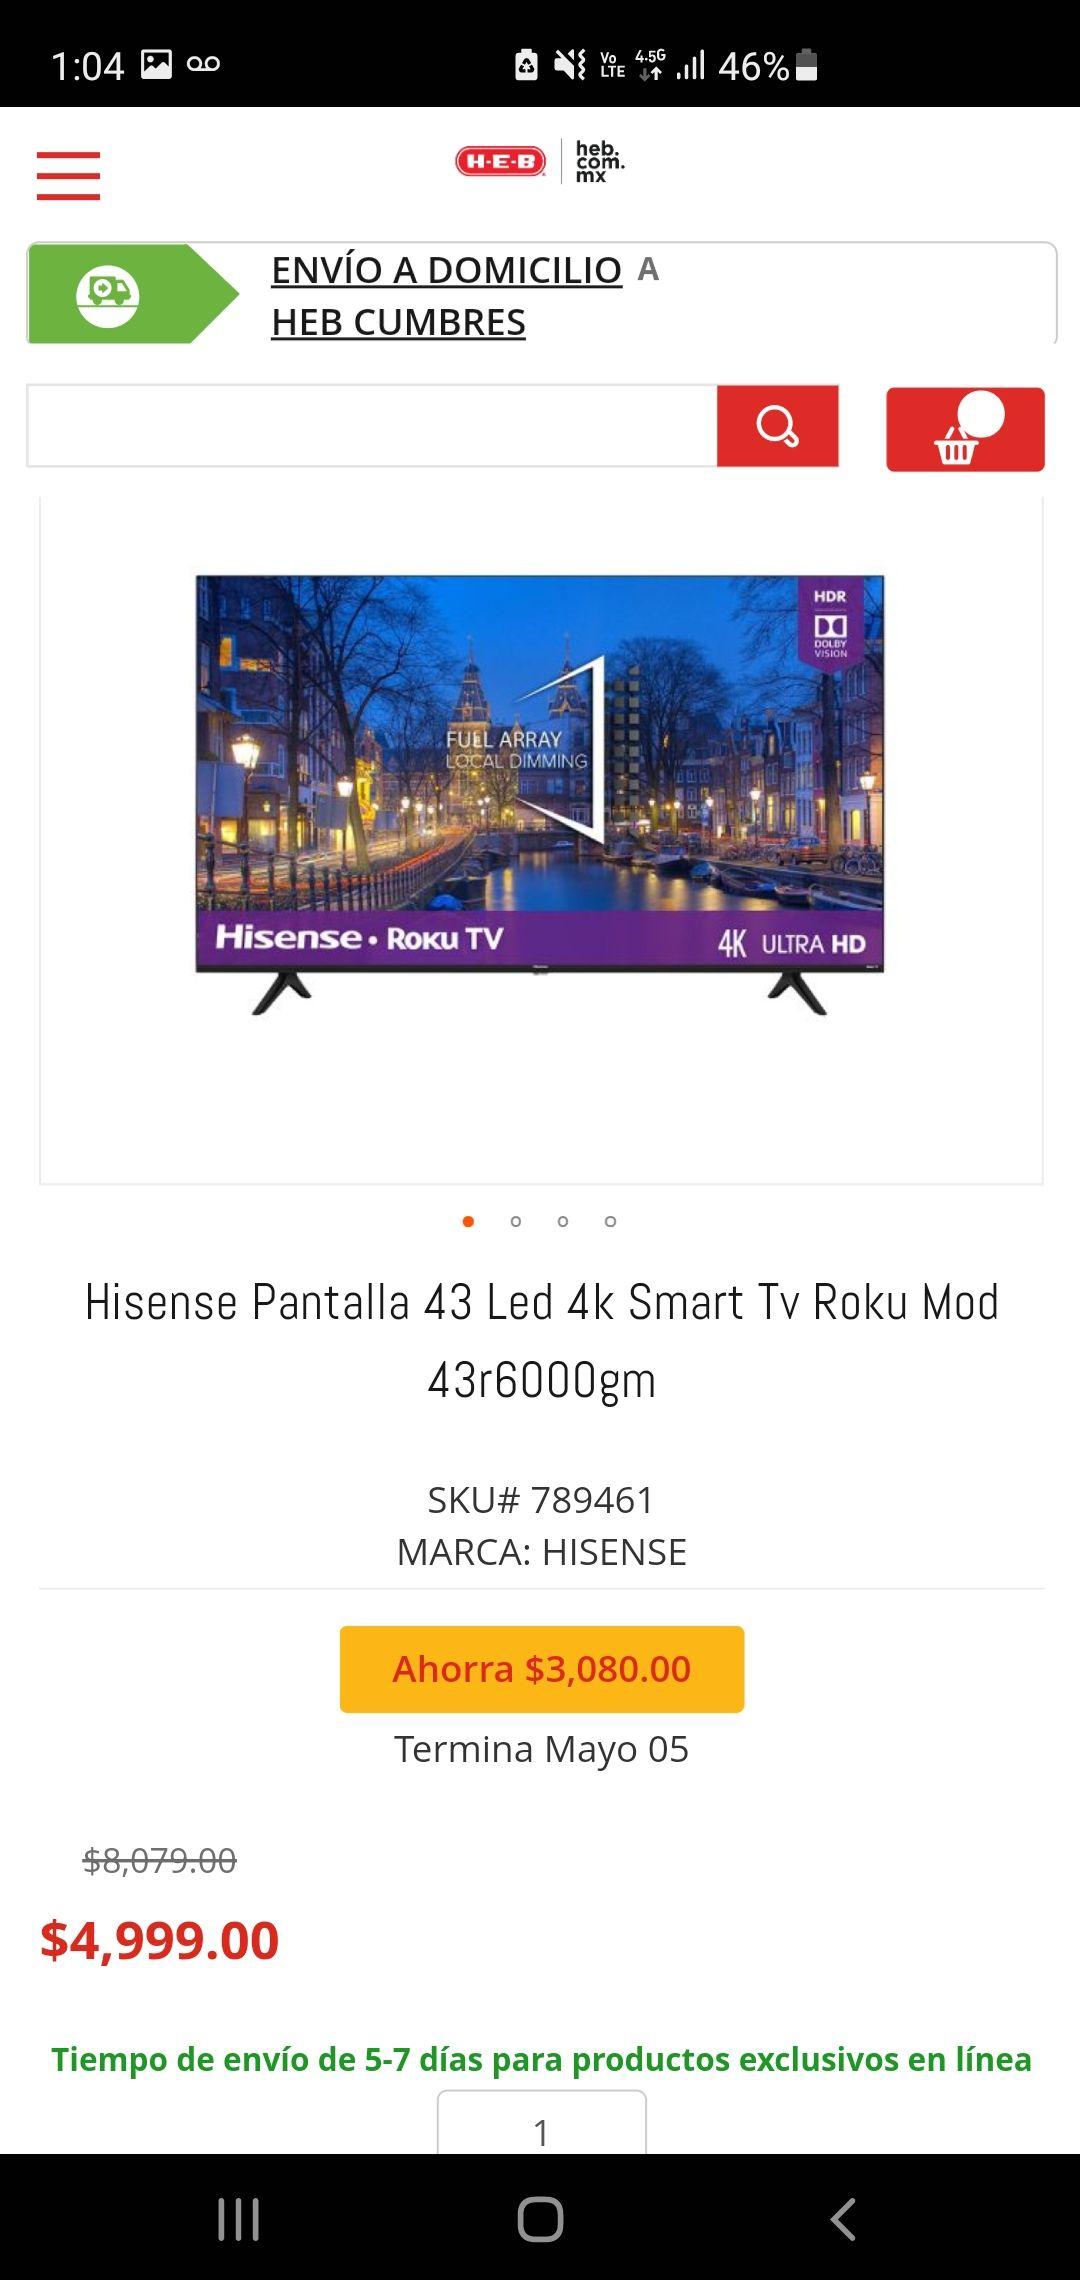 HEB en LineaHisense Pantalla 43 pulgadas Led 4k Smart Tv Roku Mod 43r6000gm